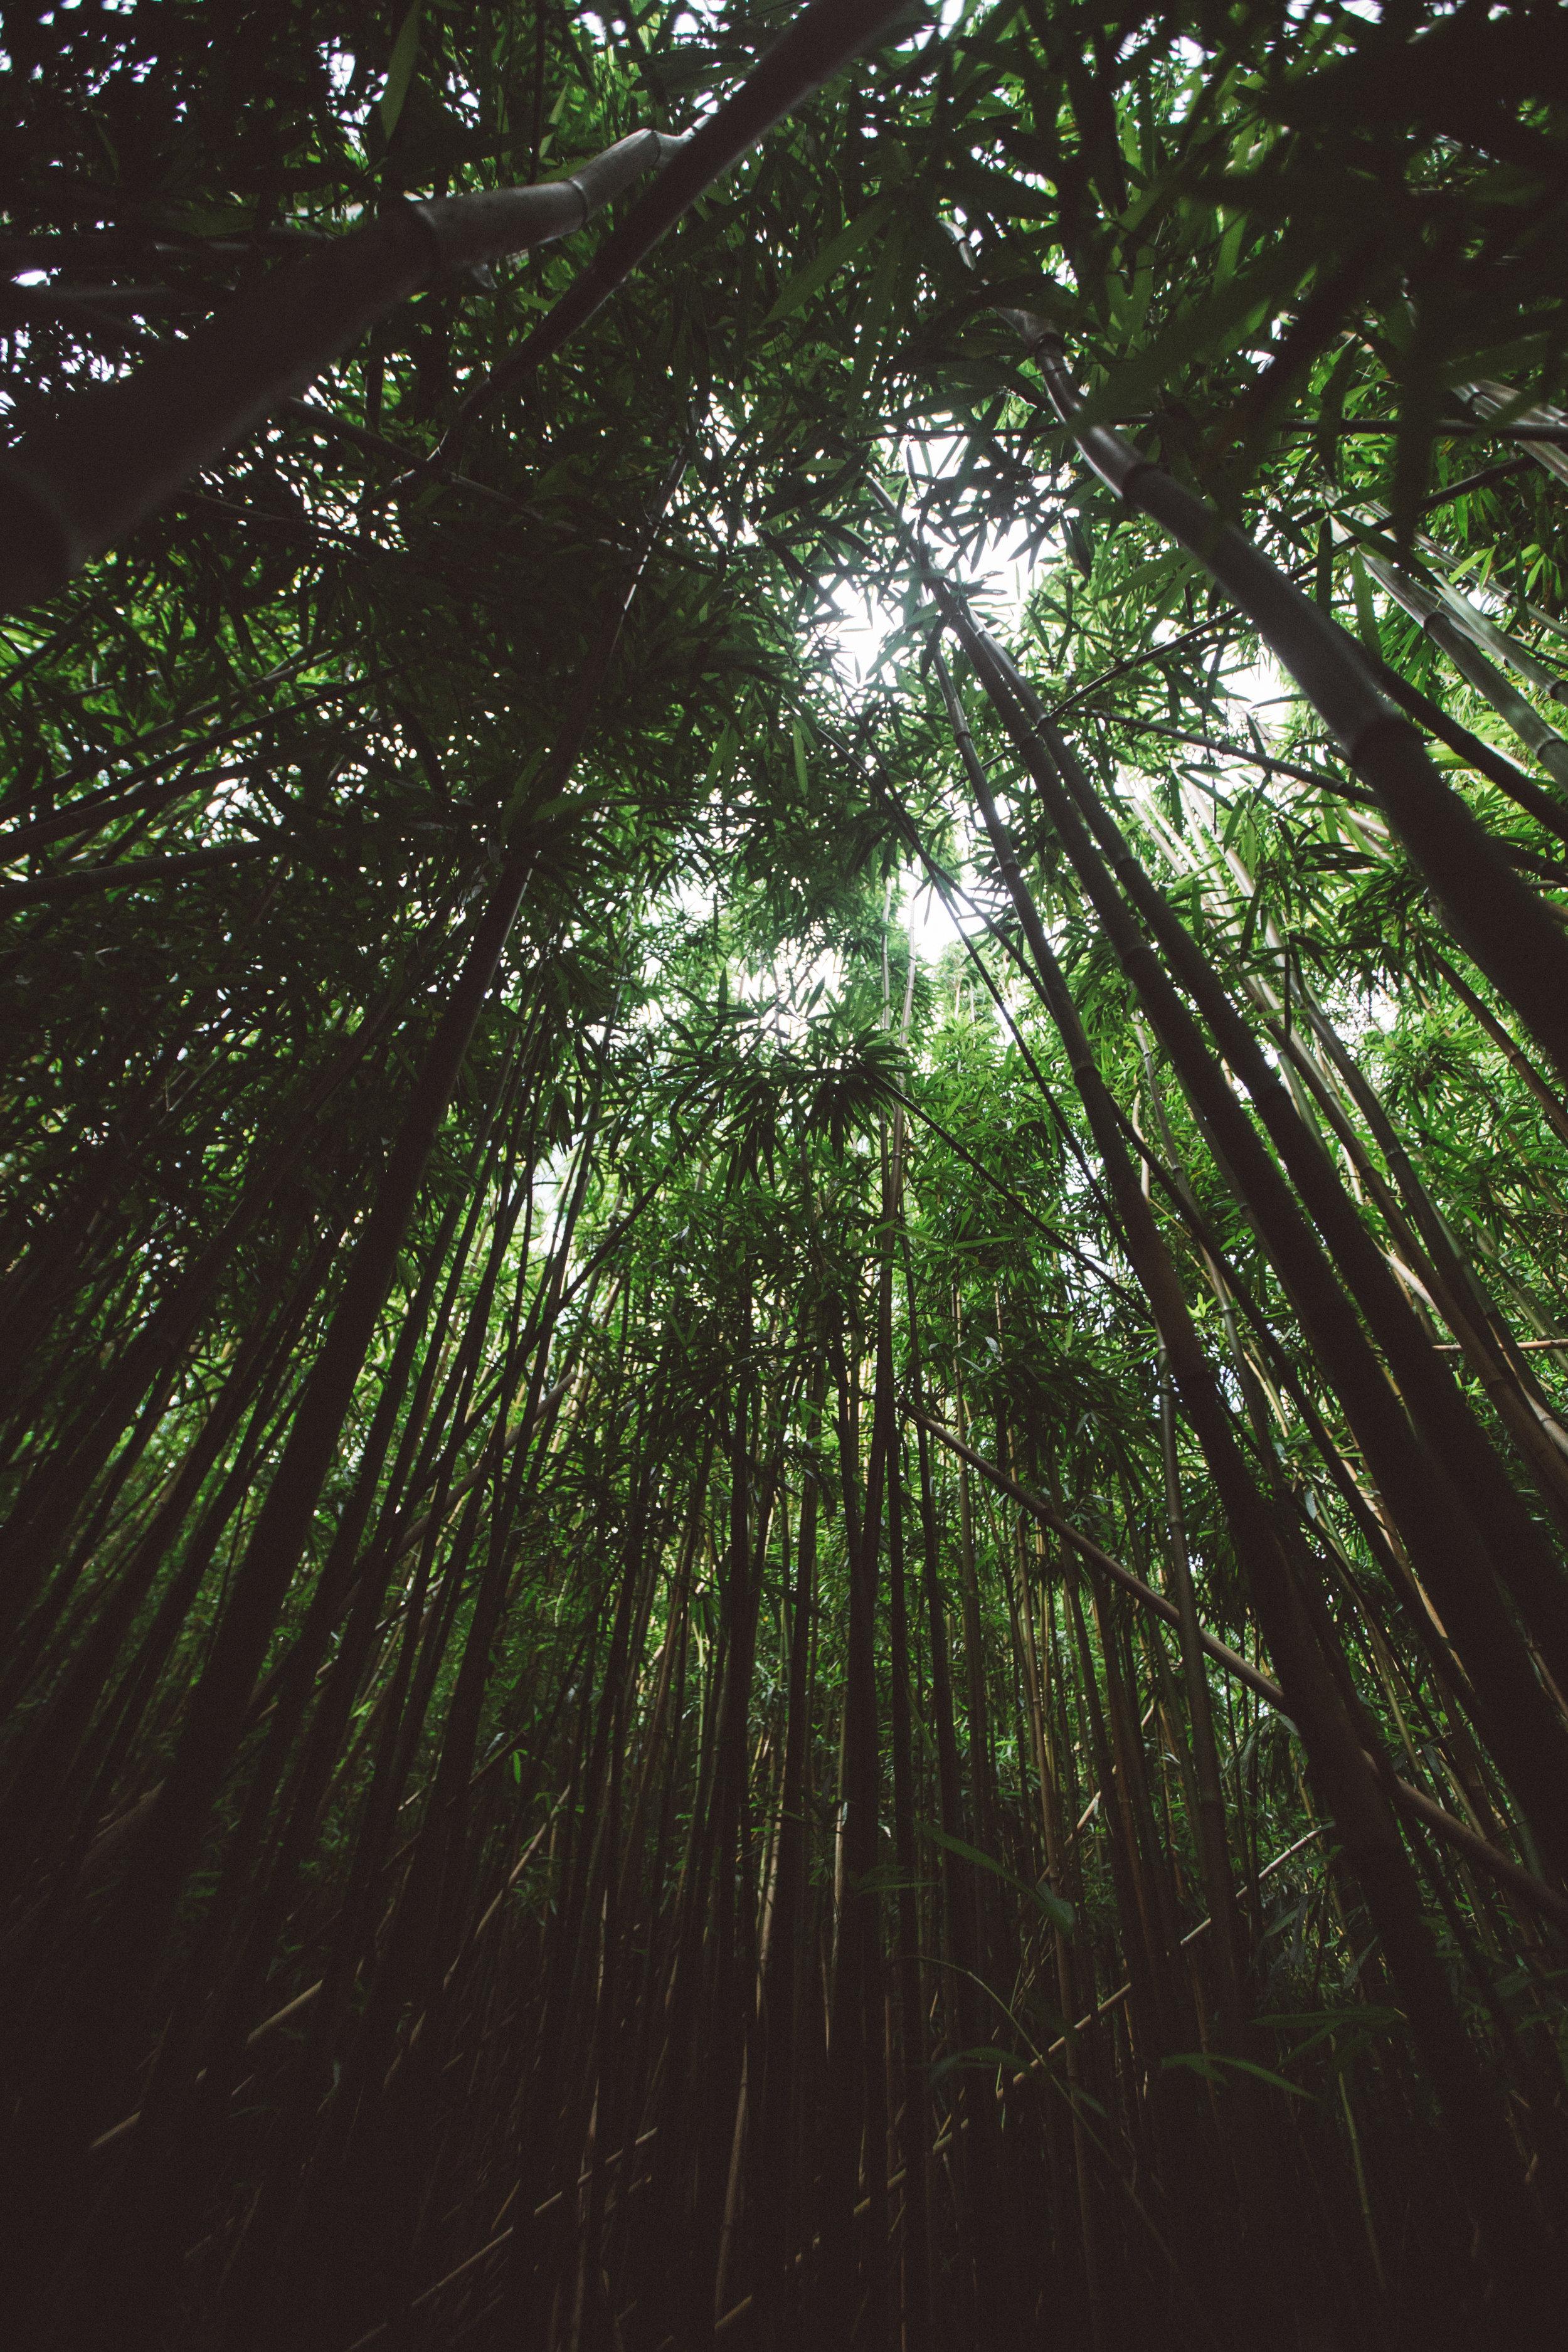 Oahu Bamboo Shoots